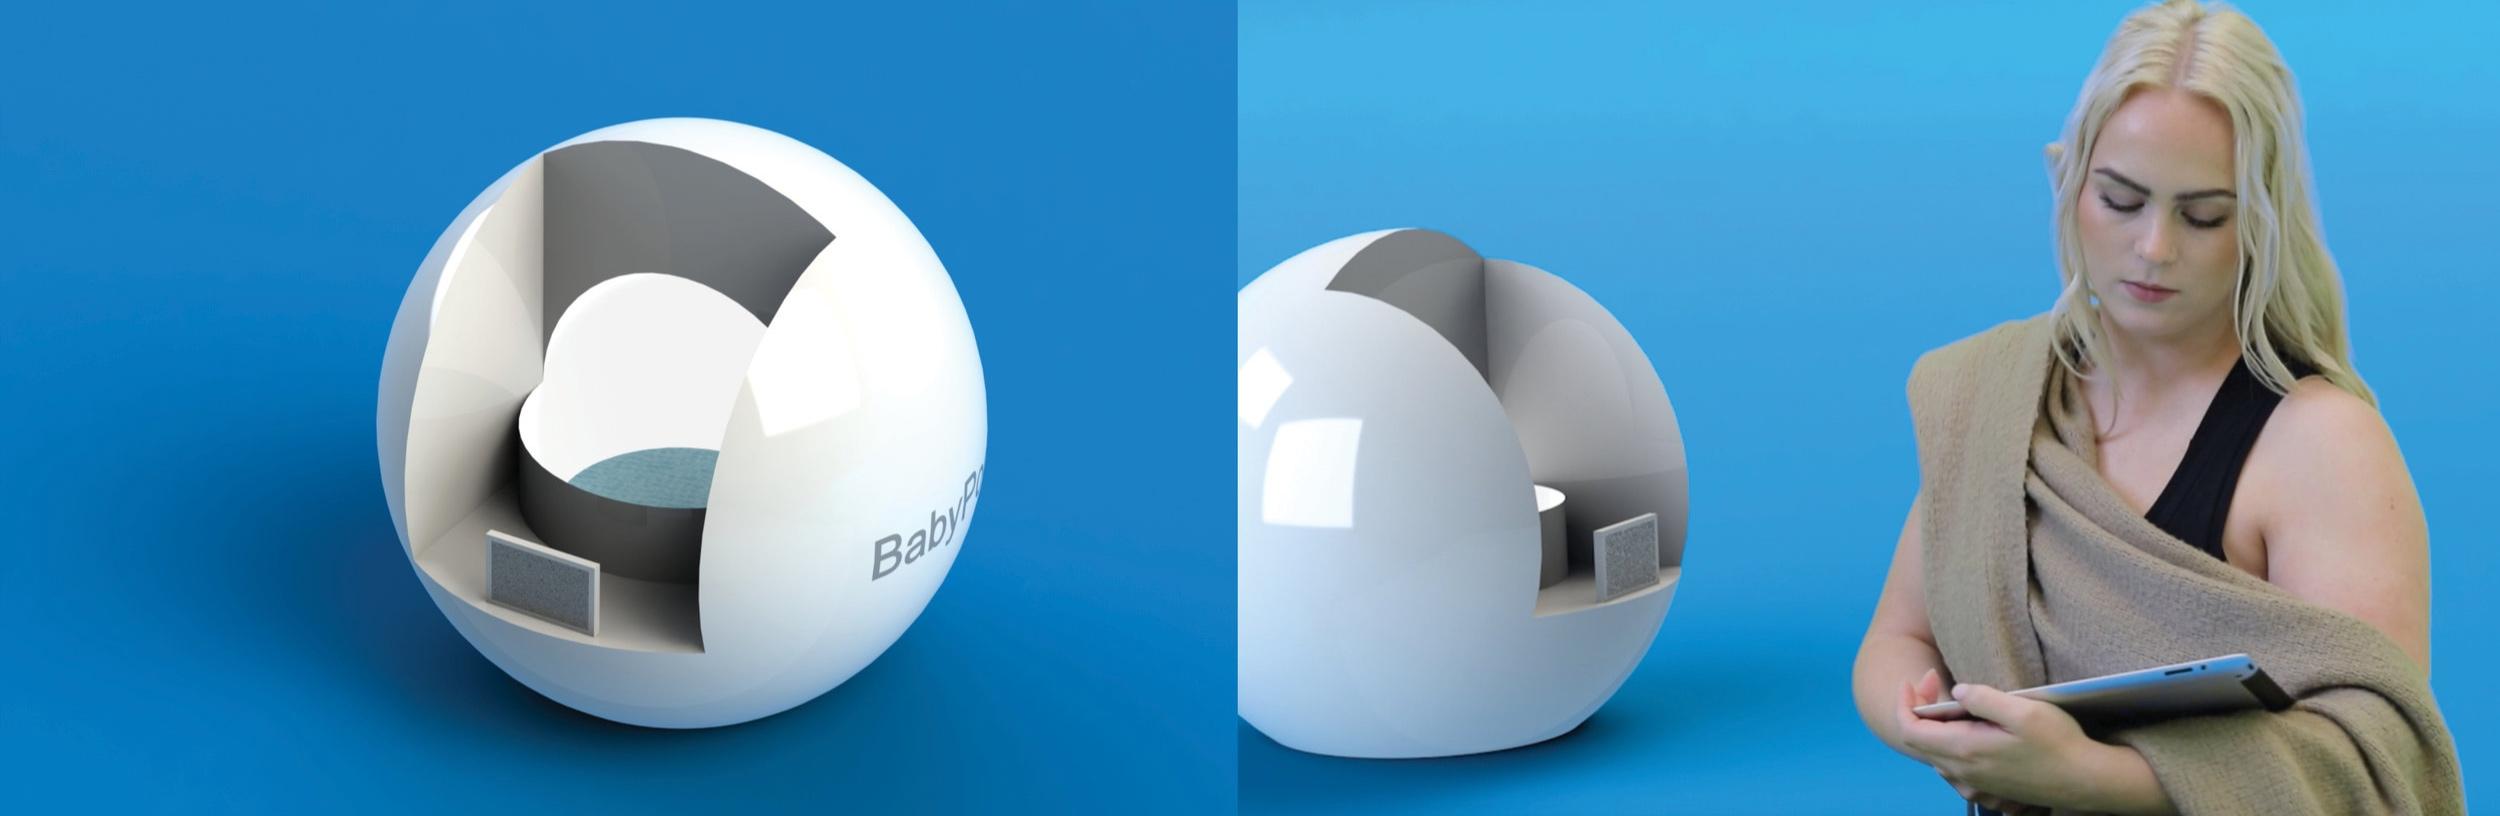 BabyPod+IAMKEREM6.jpg